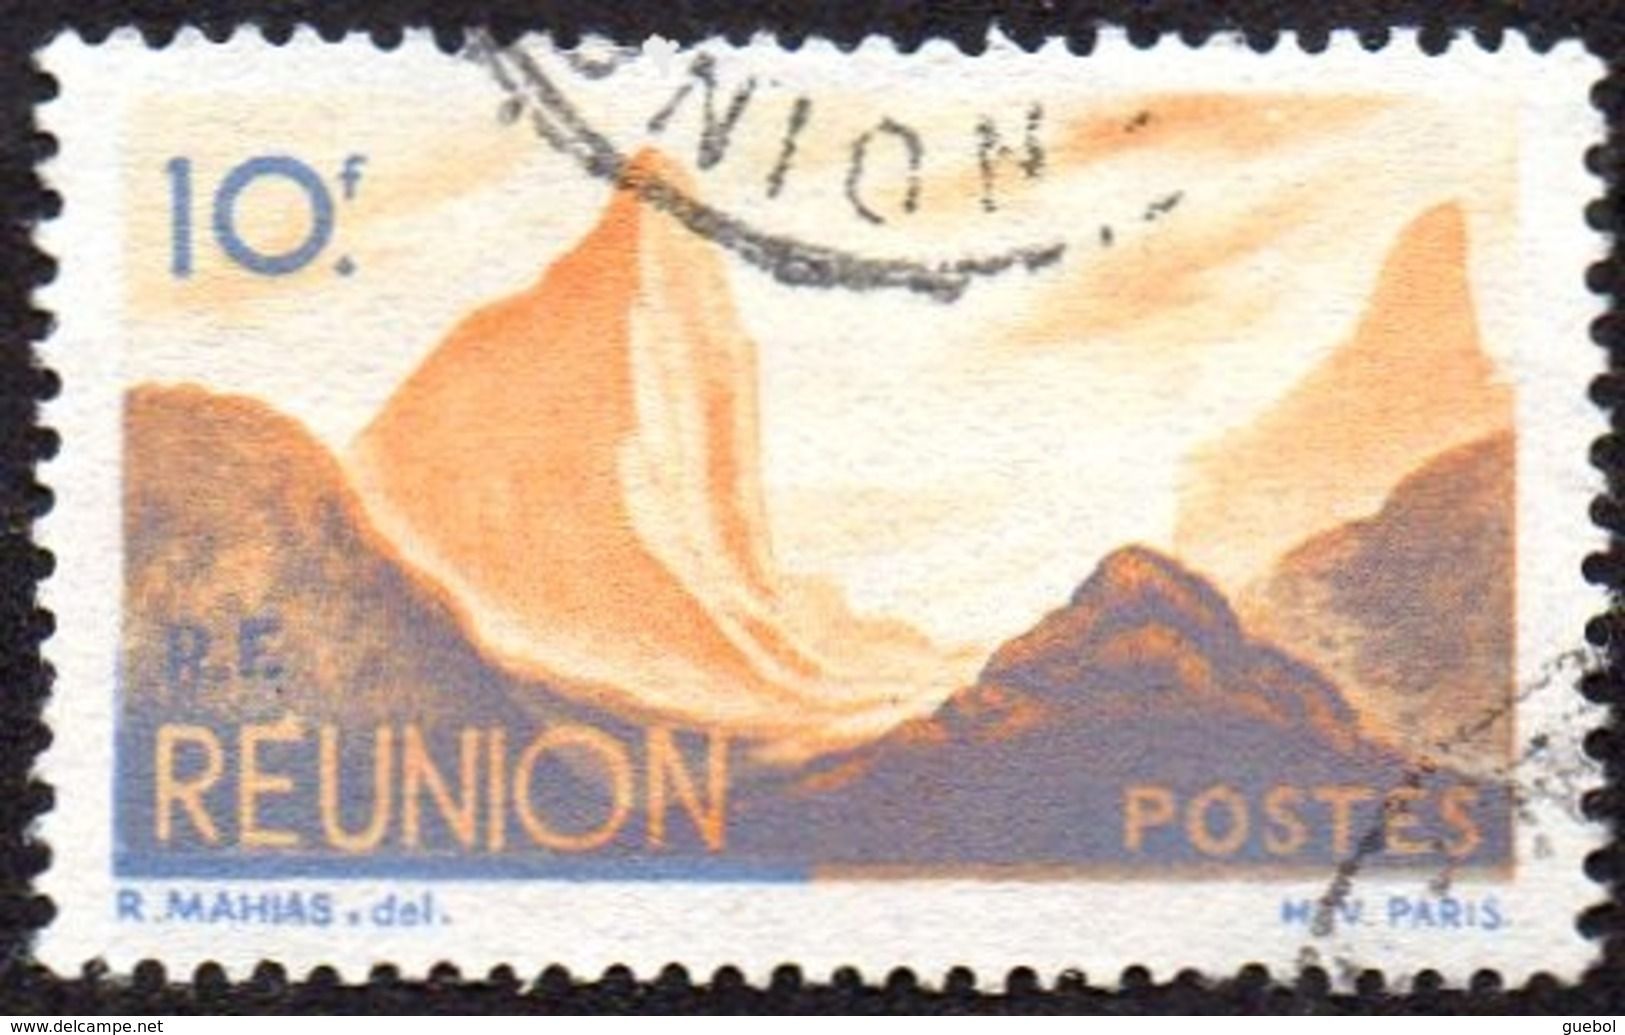 Réunion Obl. N° 277 - Détail De La Série émise En 1947 - 10f Bleu Et Orange - Oblitérés